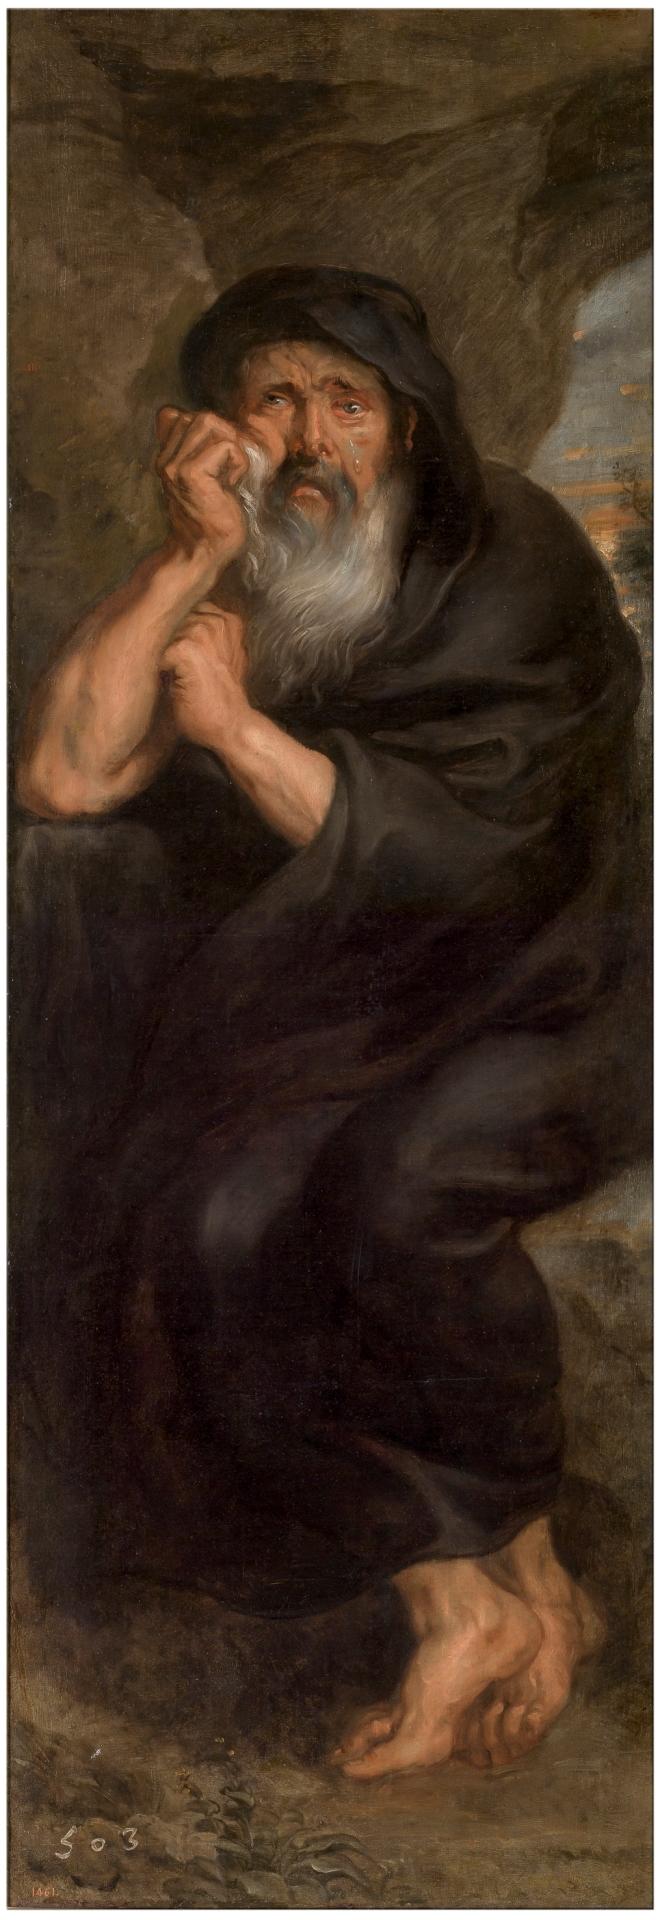 Rubens 1636-38 Heraclite Prado